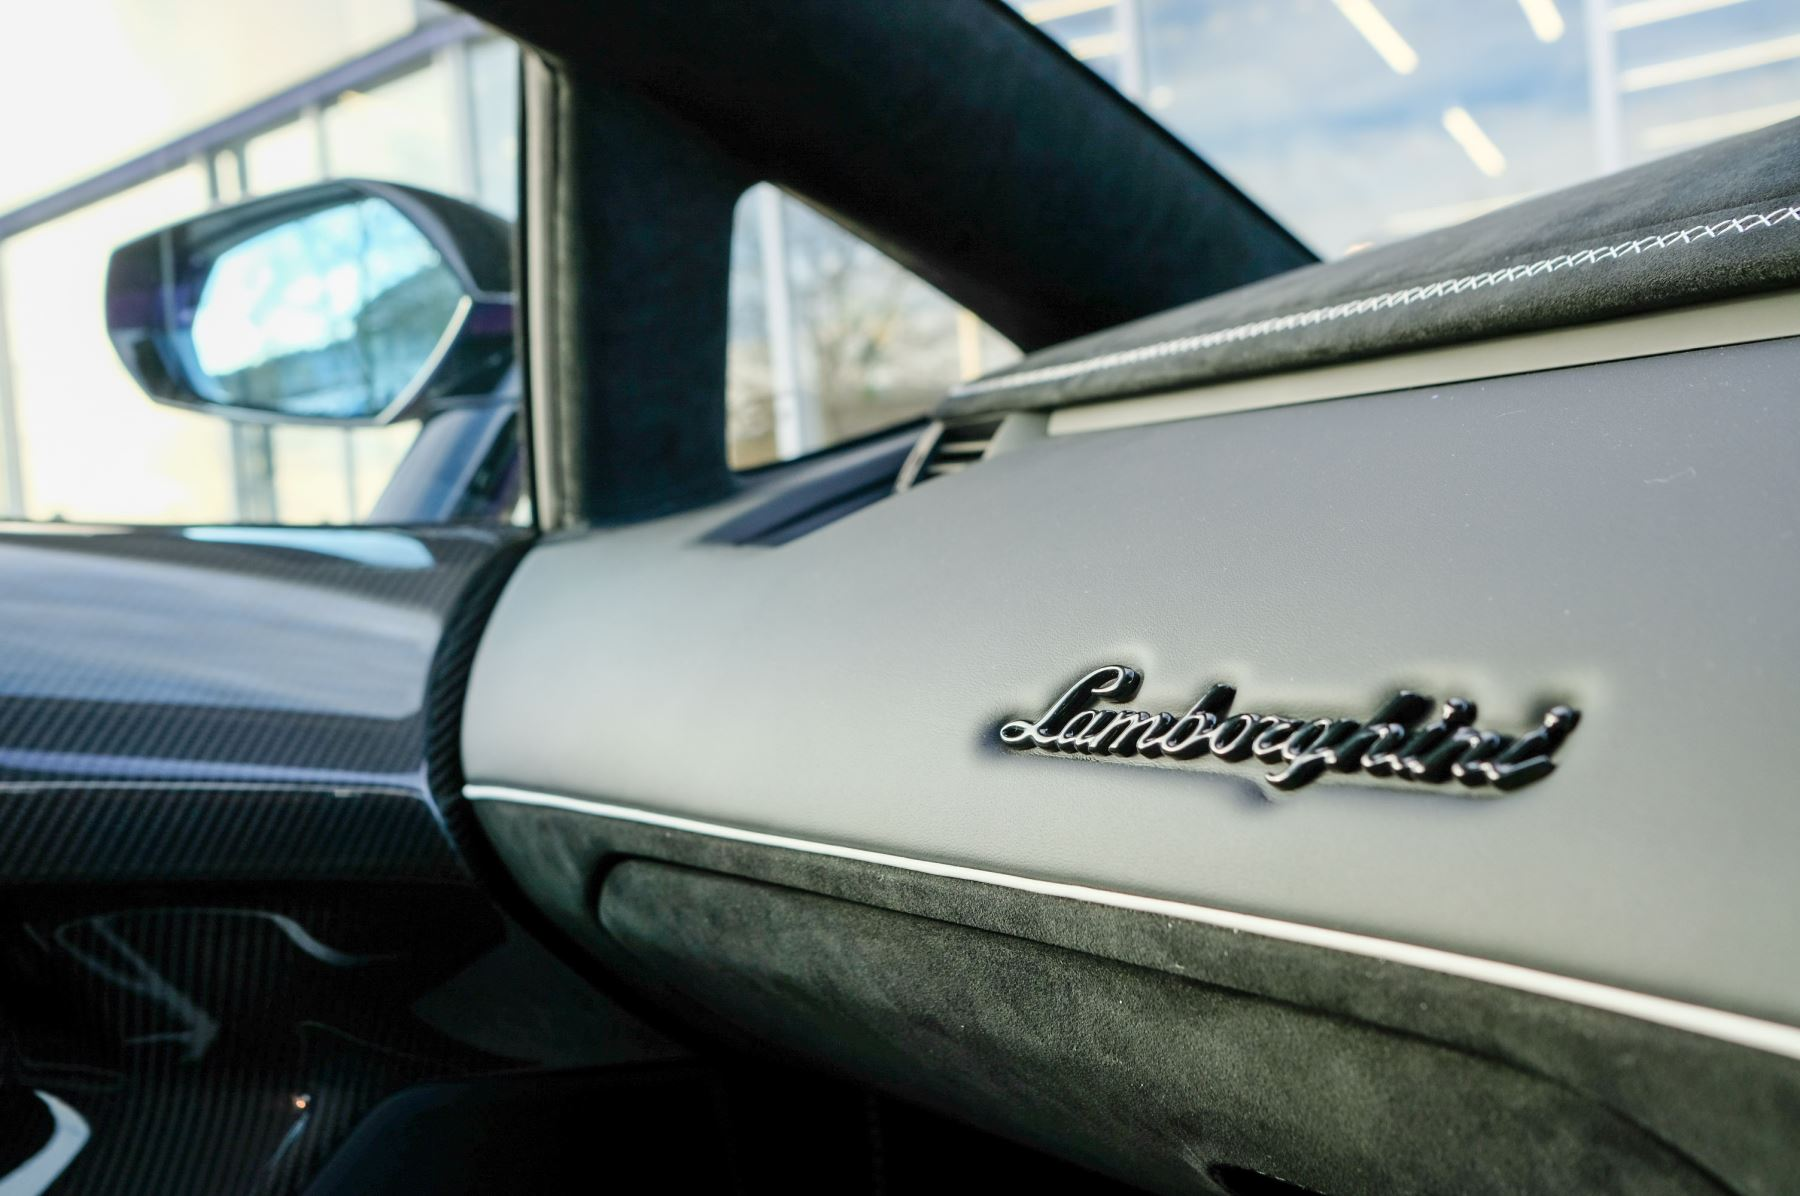 Lamborghini Aventador SVJ Coupe LP 770-4 ISR image 25